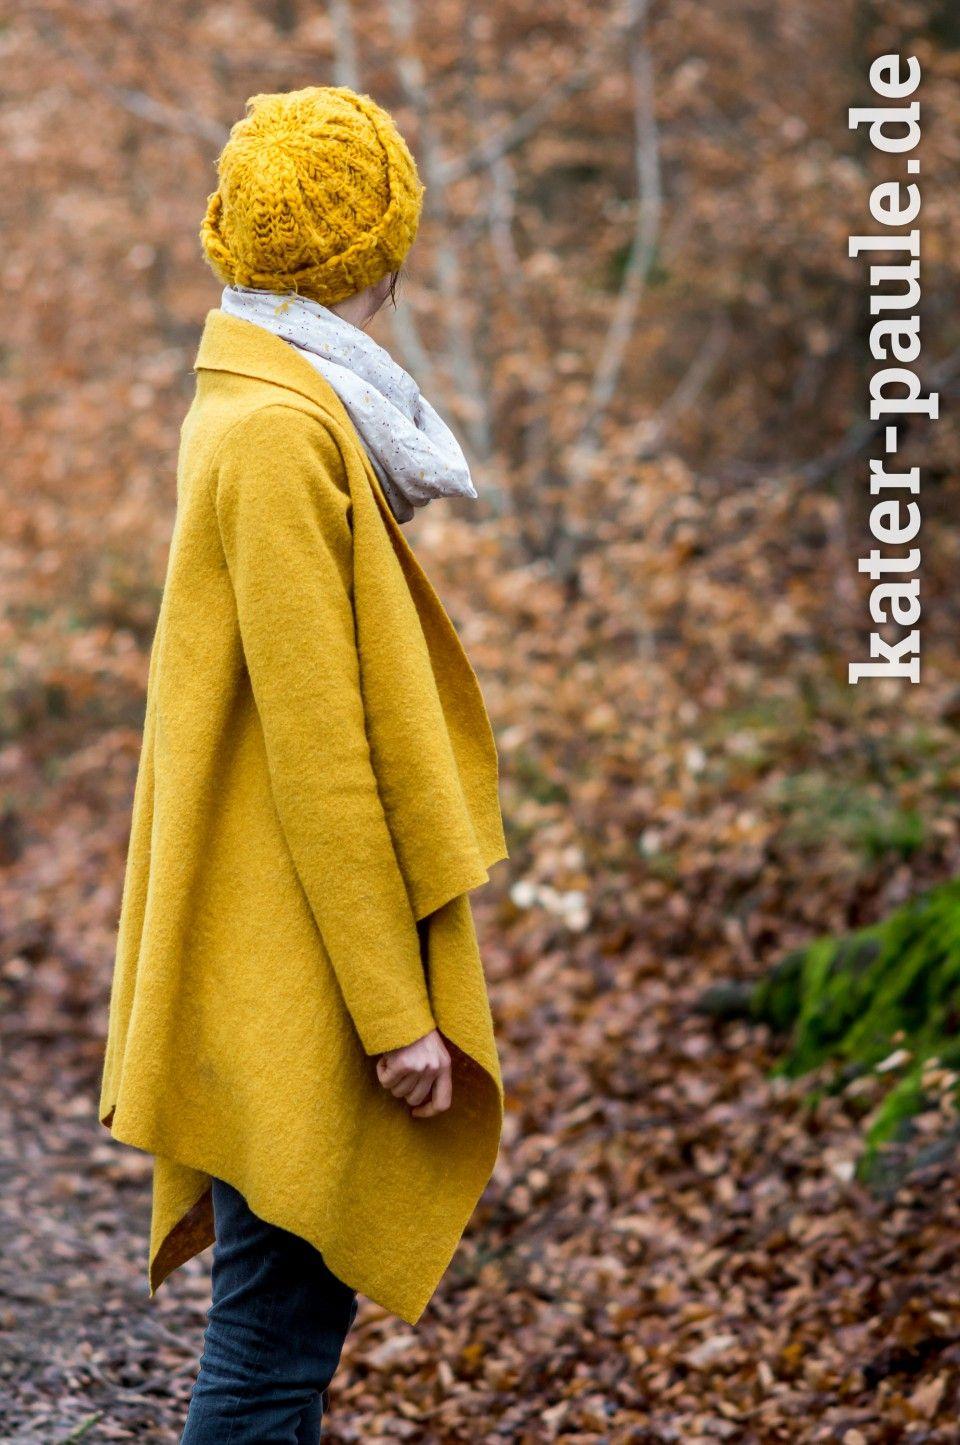 Bildergebnis für gelber mantel nähen